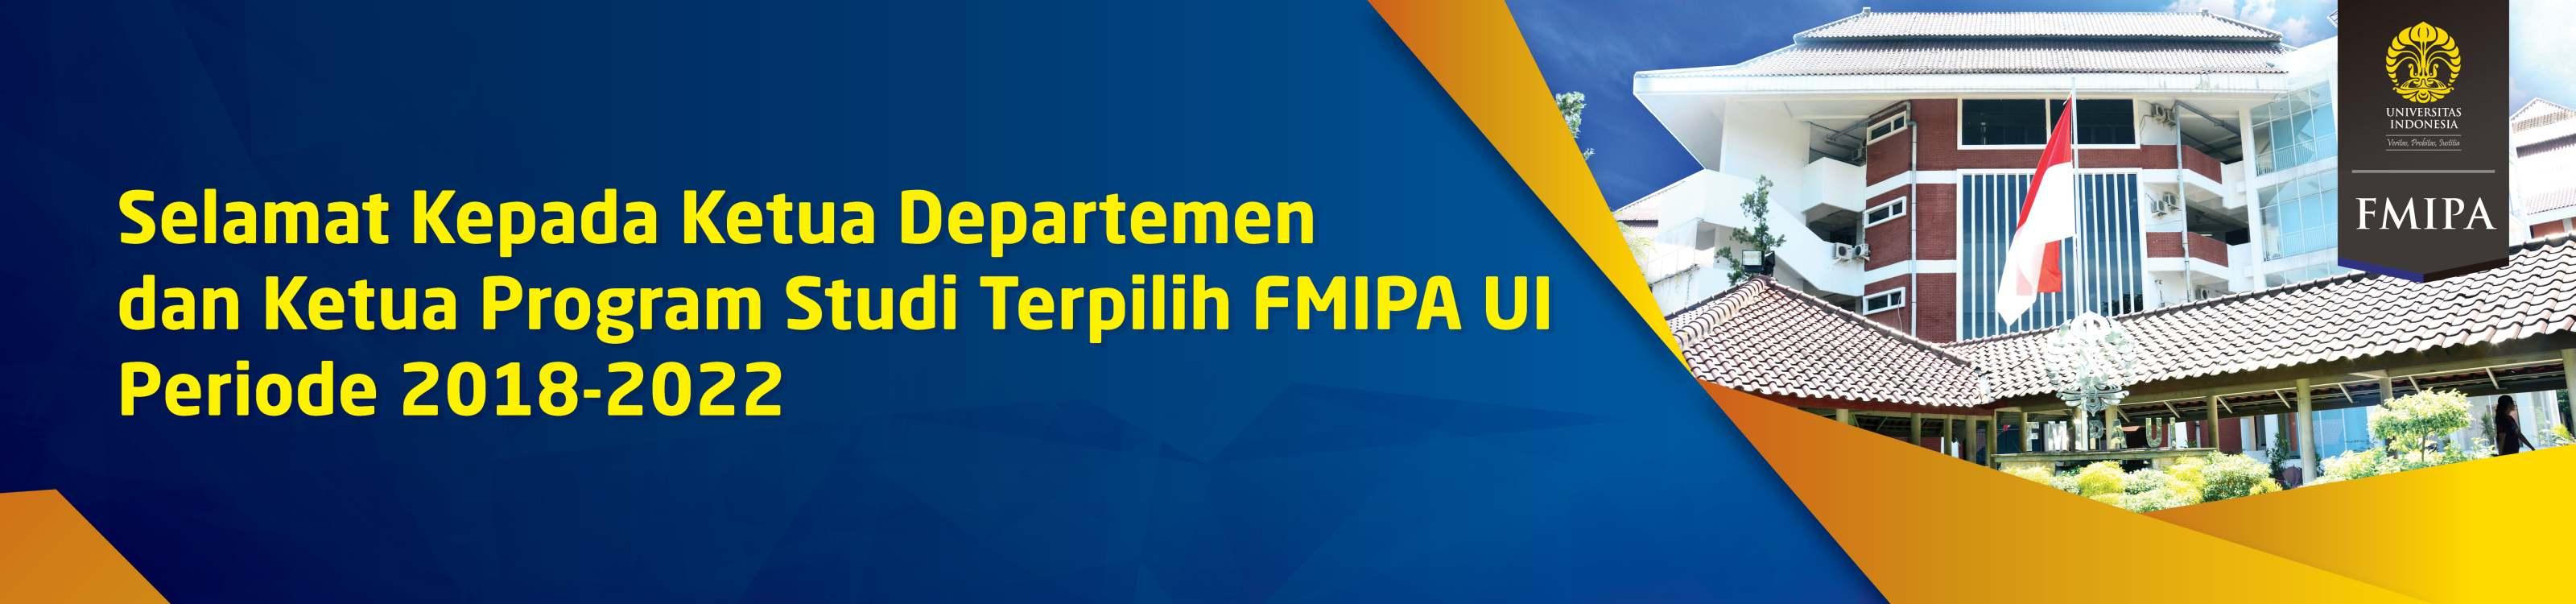 Web-Banner-Kadep-Terpilihv1